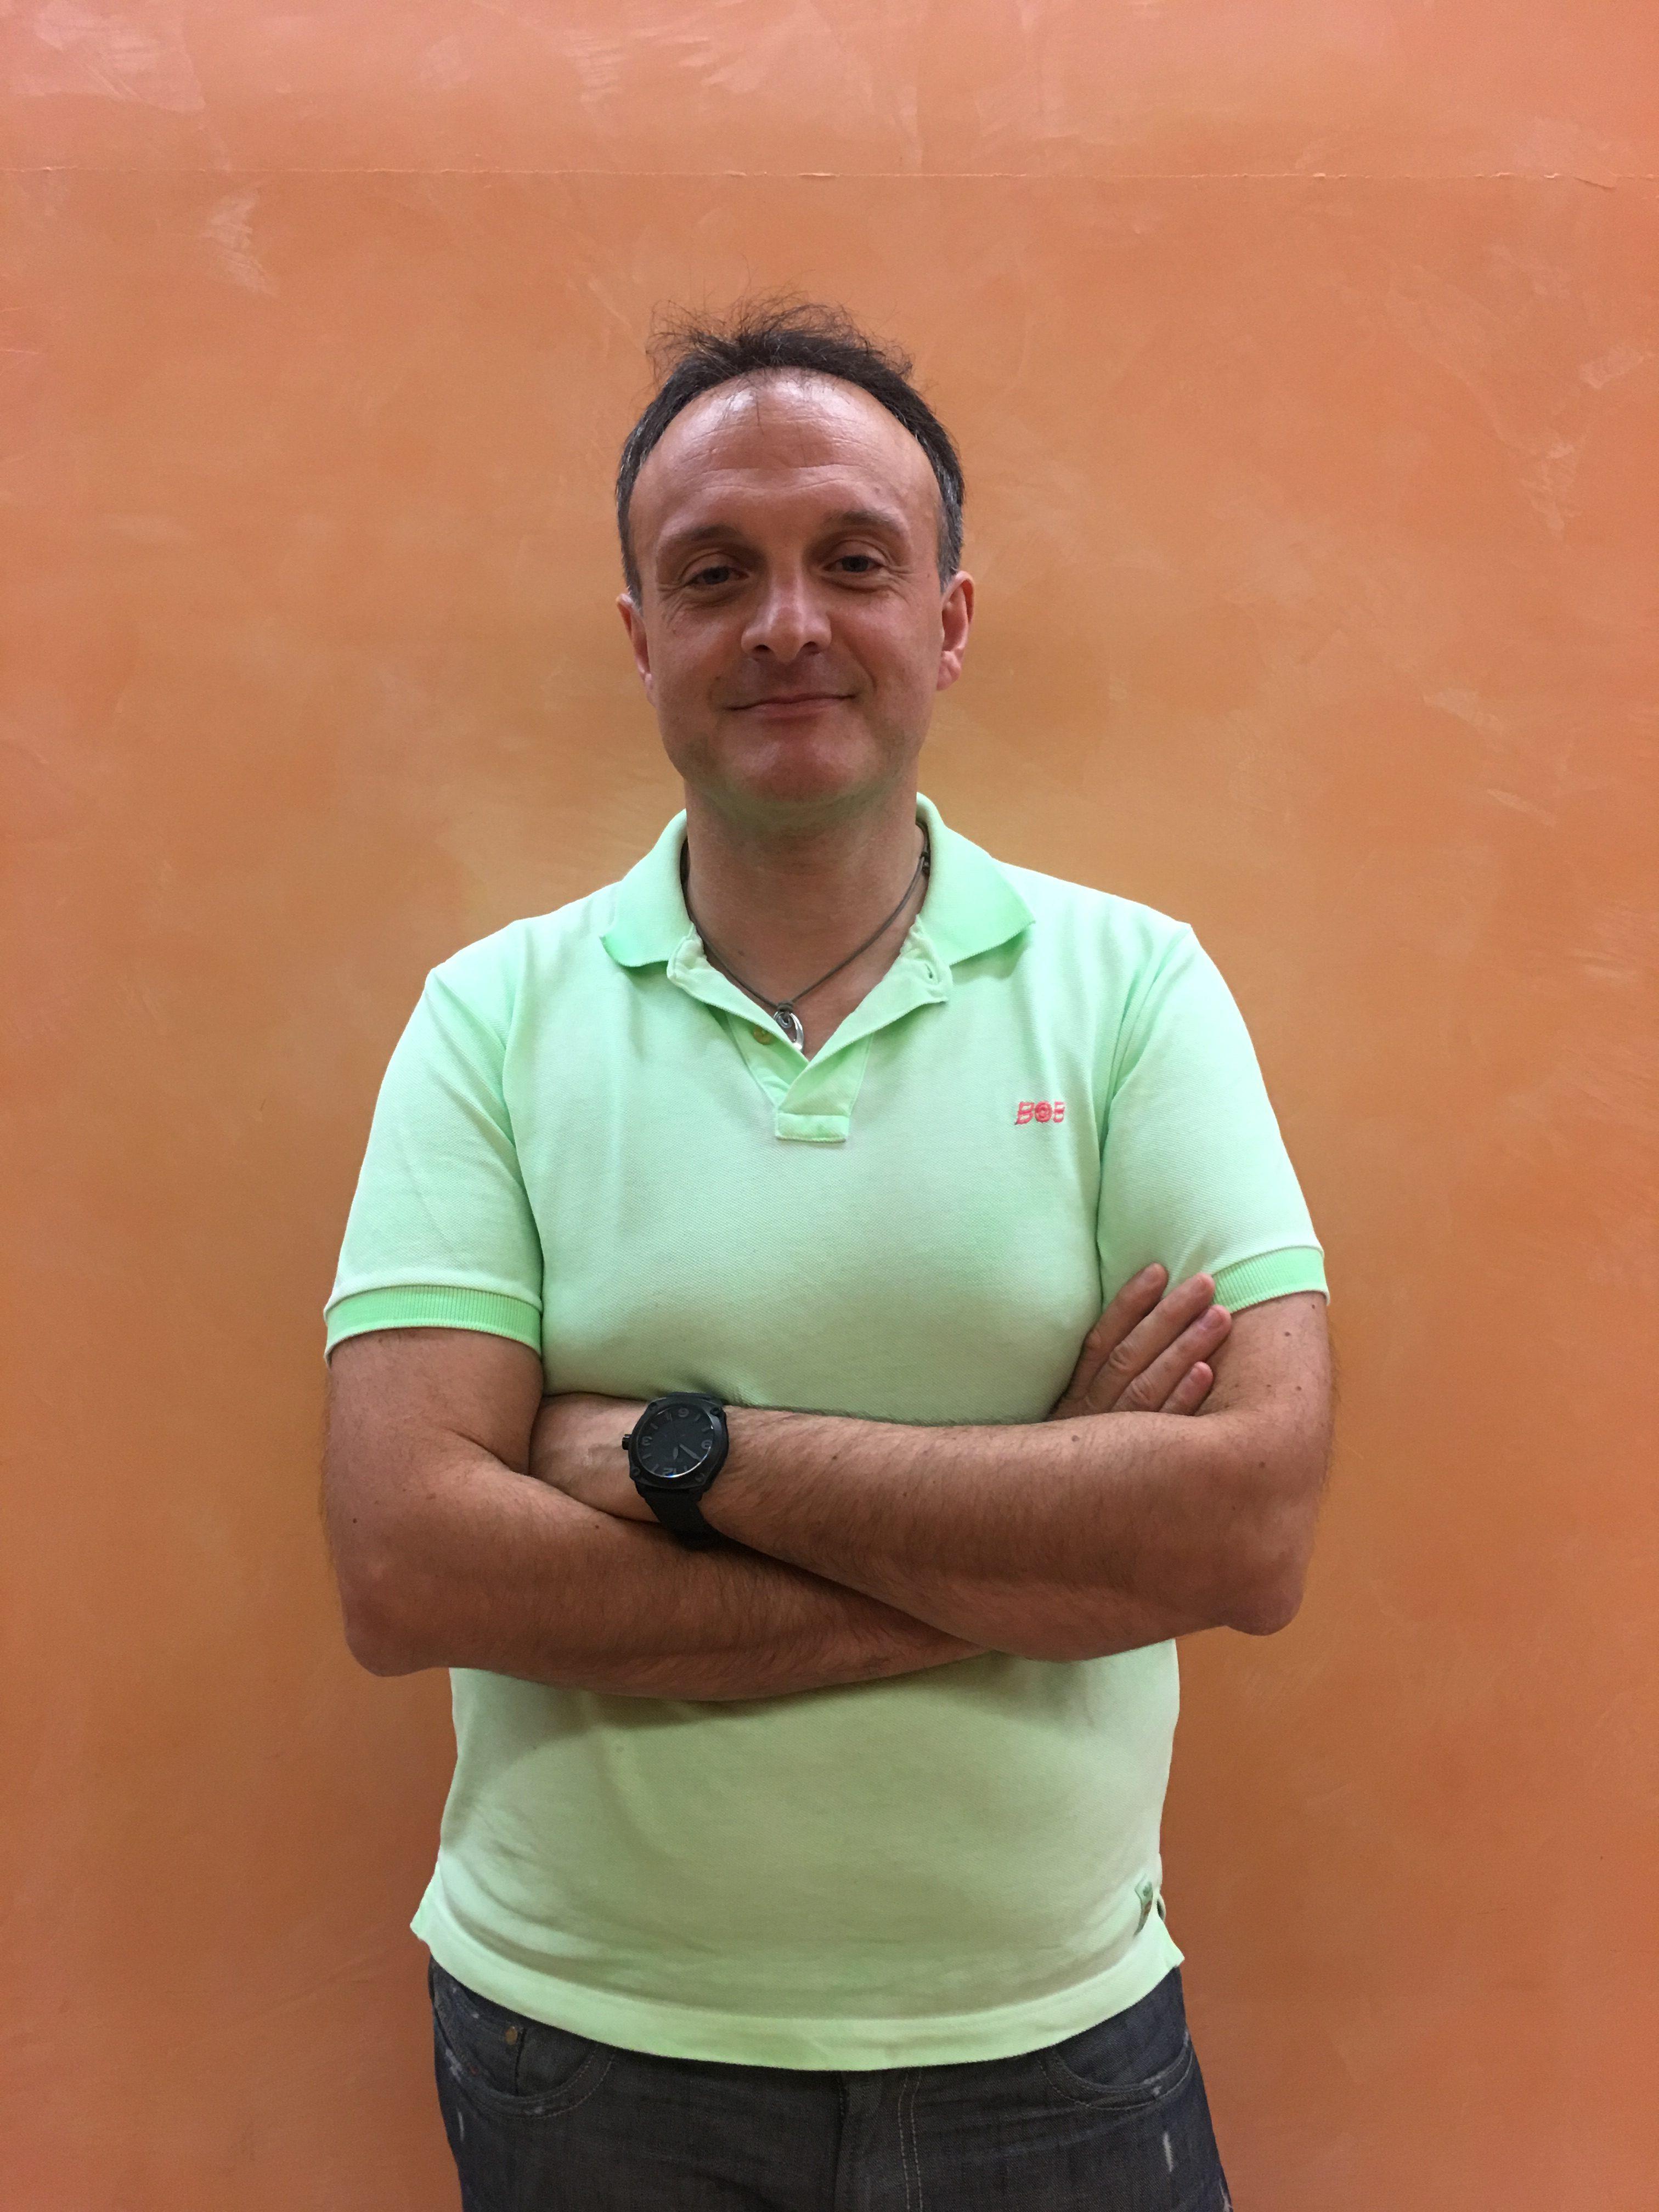 Giuseppe Borraccino